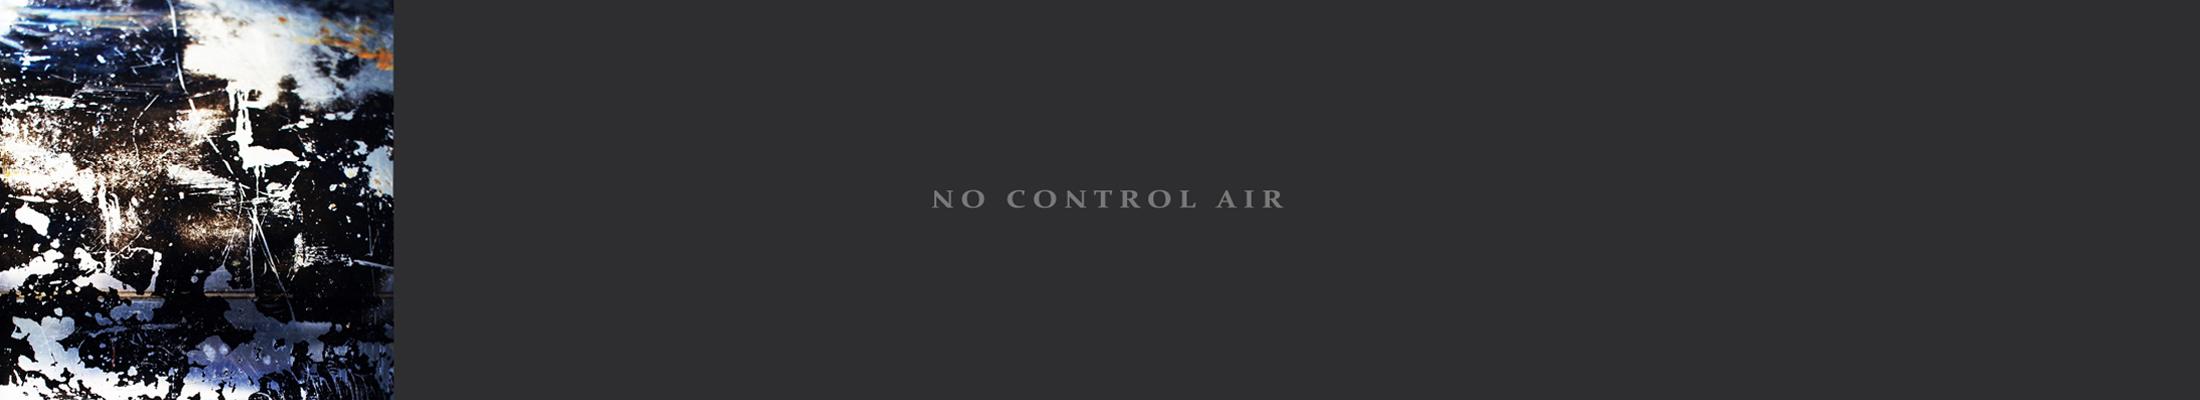 no_control_air